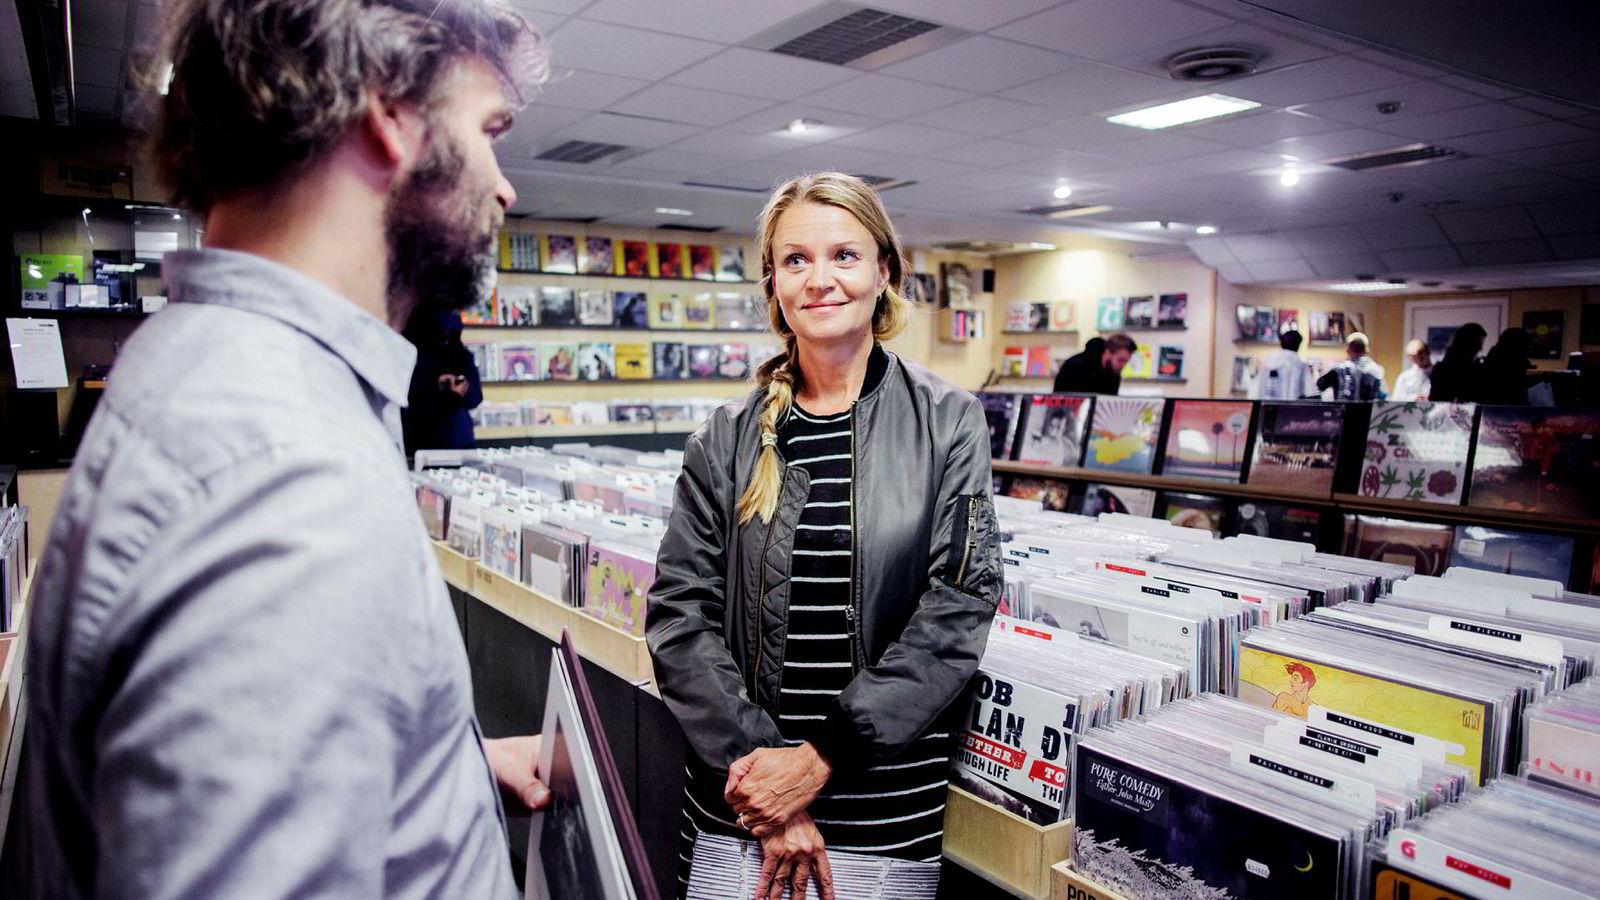 Marte Thorsby i Ifpi inne i en vinylbutikken Big Dipper i Oslo. Salget av vinyl falt i fjor etter et flerårig comeback for det fysiske formatet.